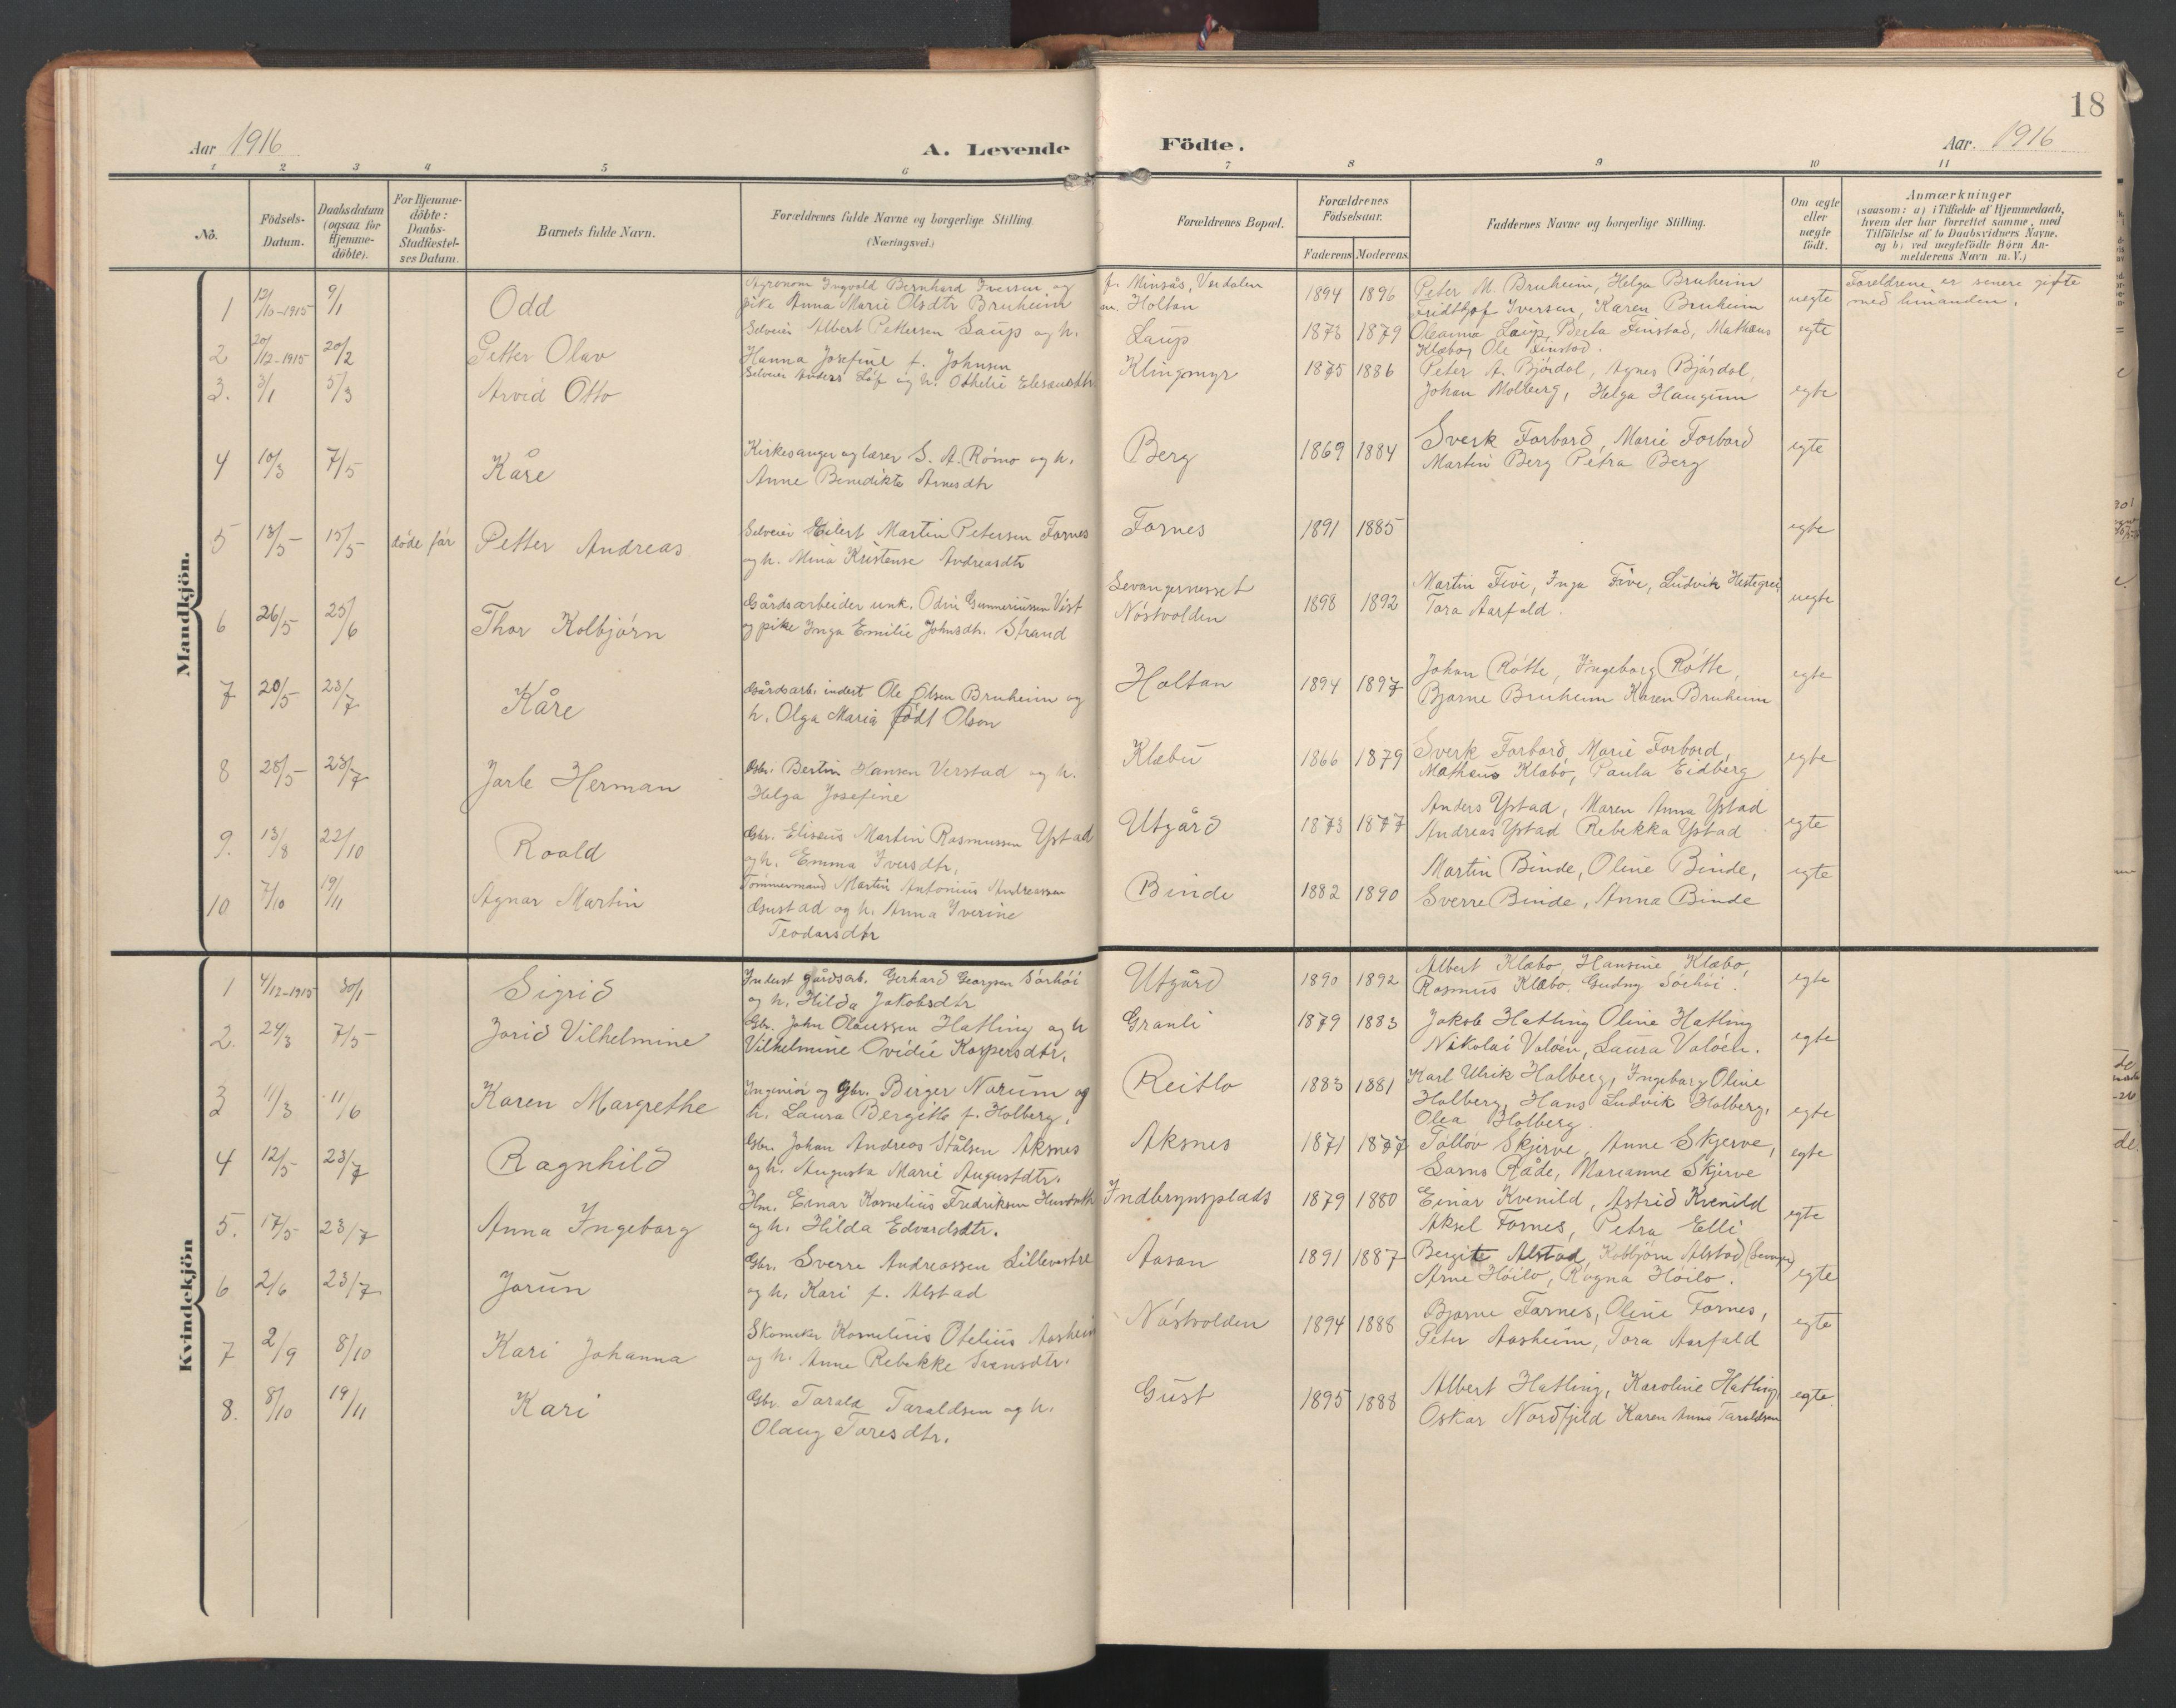 SAT, Ministerialprotokoller, klokkerbøker og fødselsregistre - Nord-Trøndelag, 746/L0455: Klokkerbok nr. 746C01, 1908-1933, s. 18